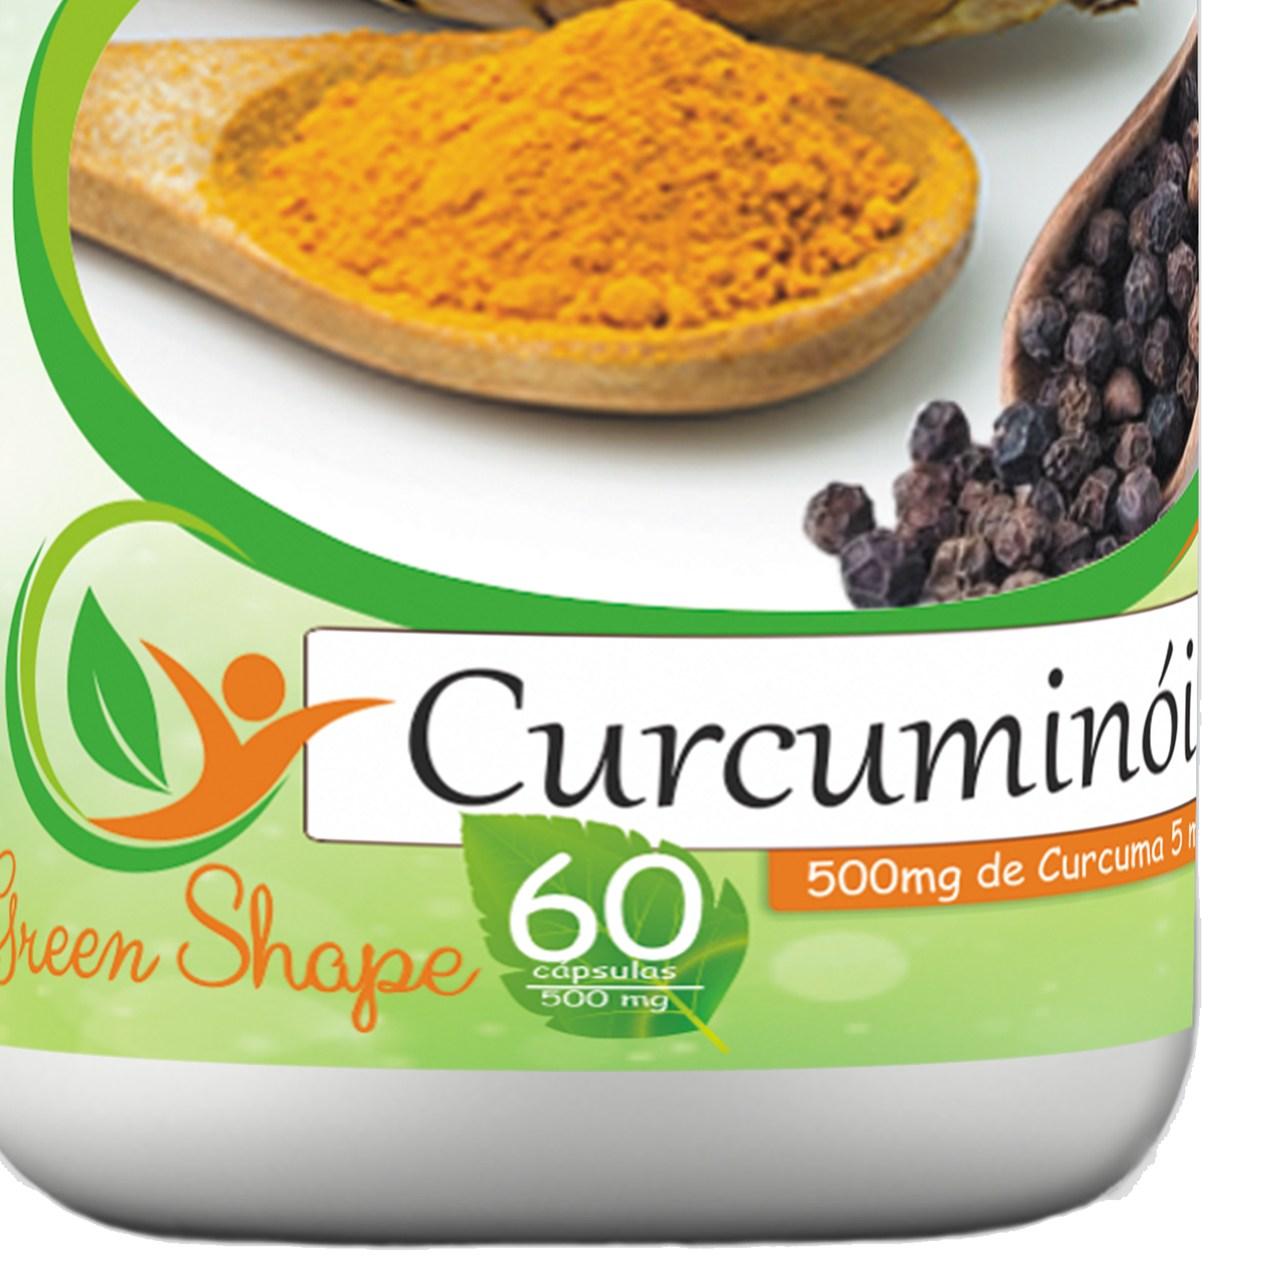 12 frascos de Curcuminóide 60 cápsulas cada frasco